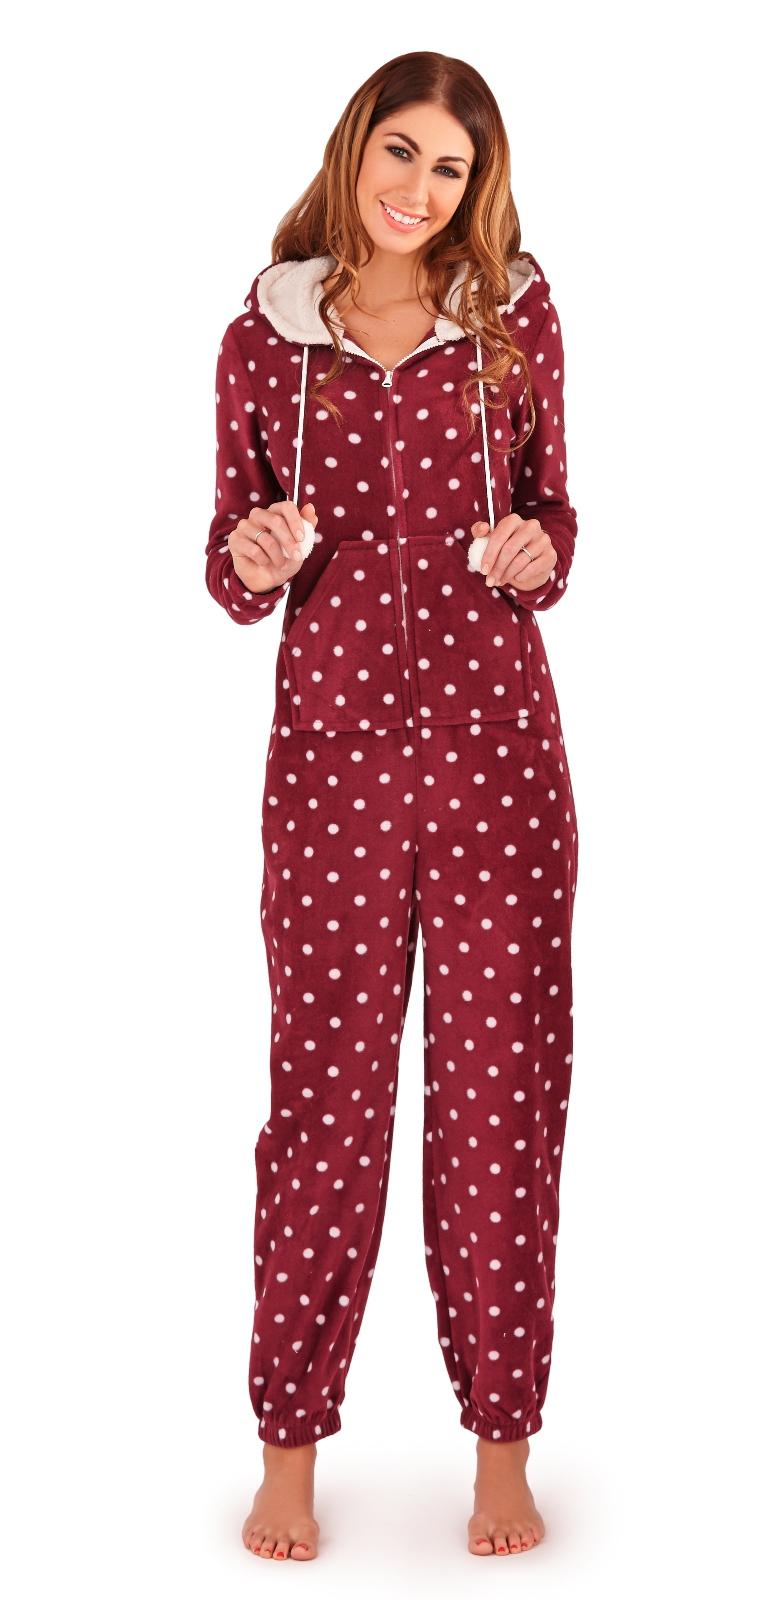 Womens Luxury Onesie All In One Hooded Pyjamas Pjs ...